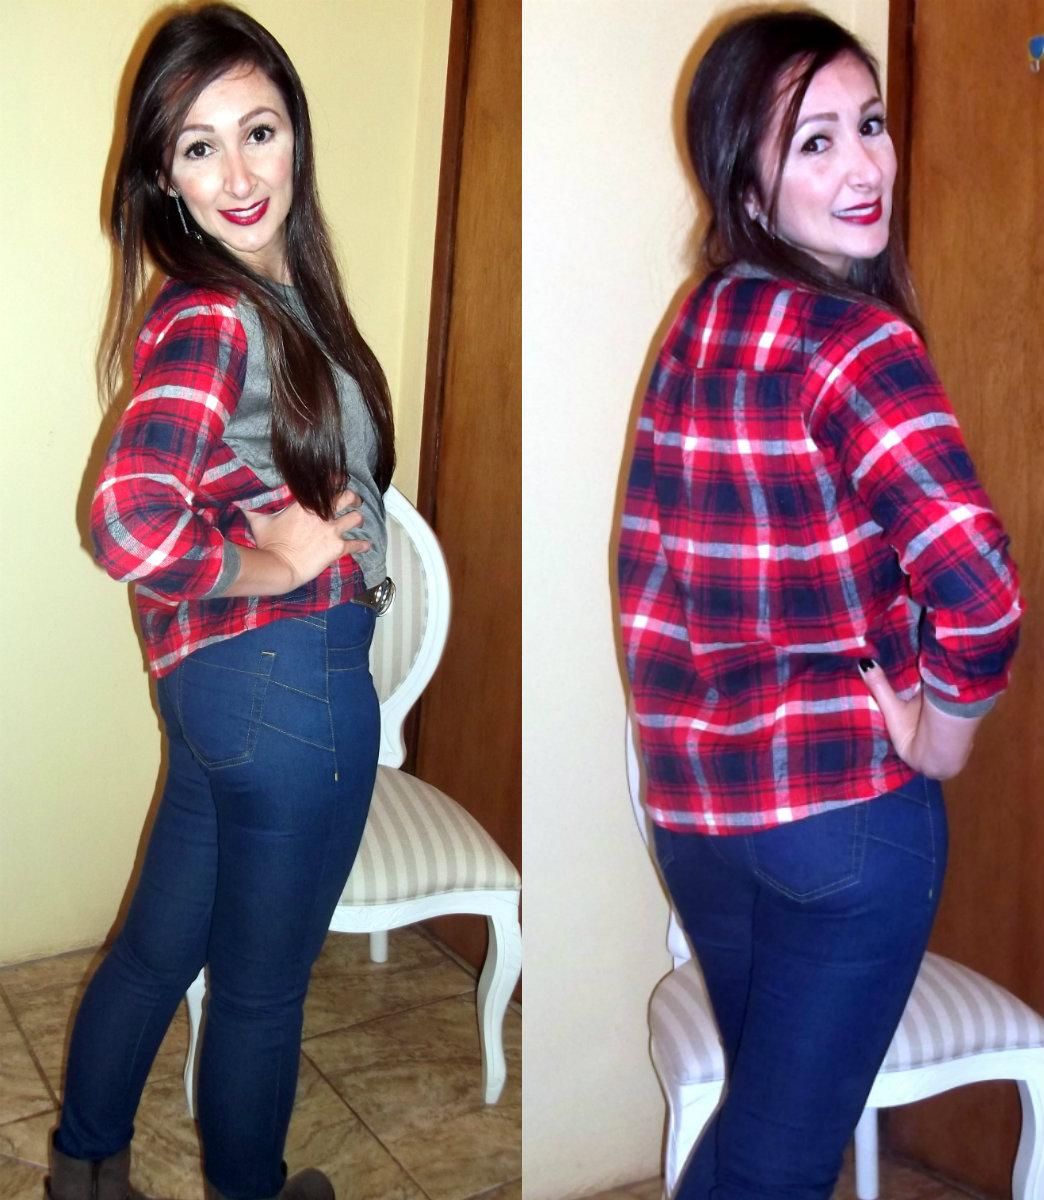 73a6b64f32528 Blusa AliExpress  (AQUI) Calça Jeans  For Free (cintura alta) Coturno  Via  Brevi